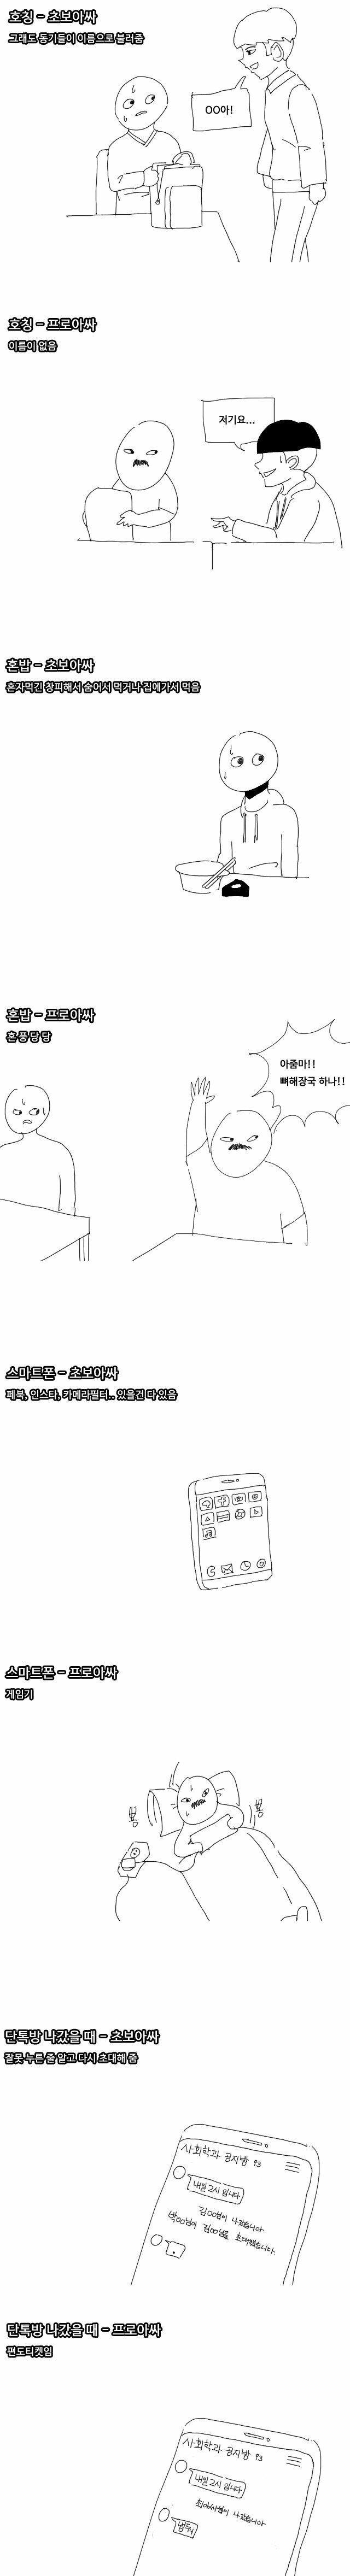 웃대.jpg 초보 아싸와 프로 아싸